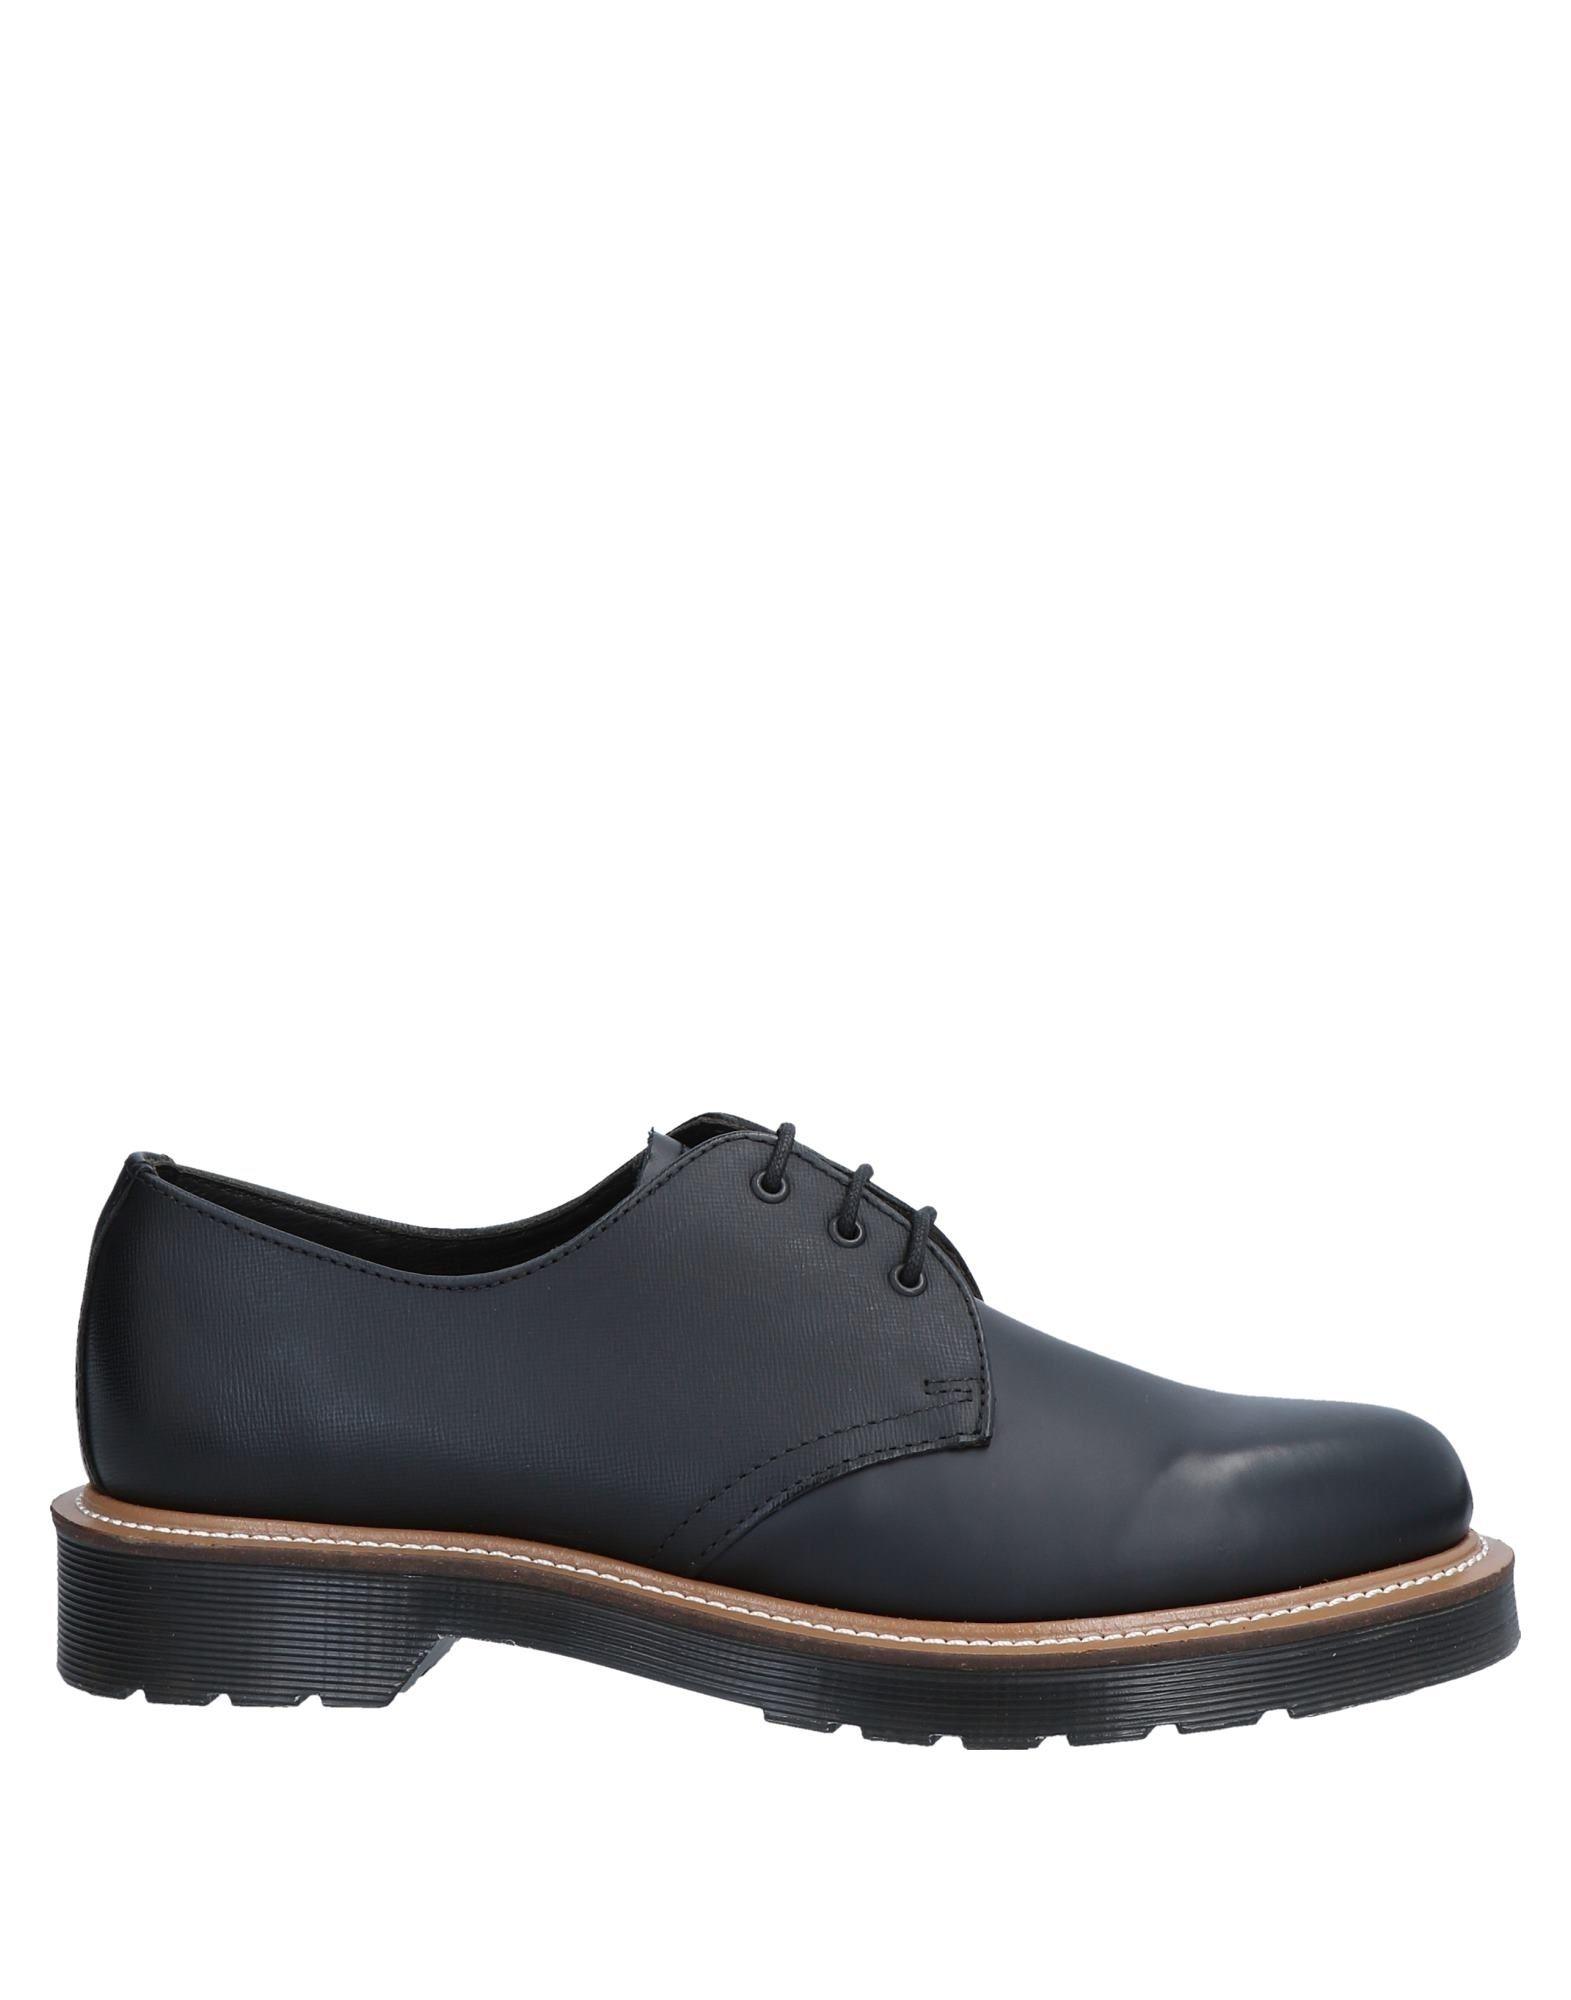 Фото - DR. MARTENS Обувь на шнурках обувь на высокой платформе dkny